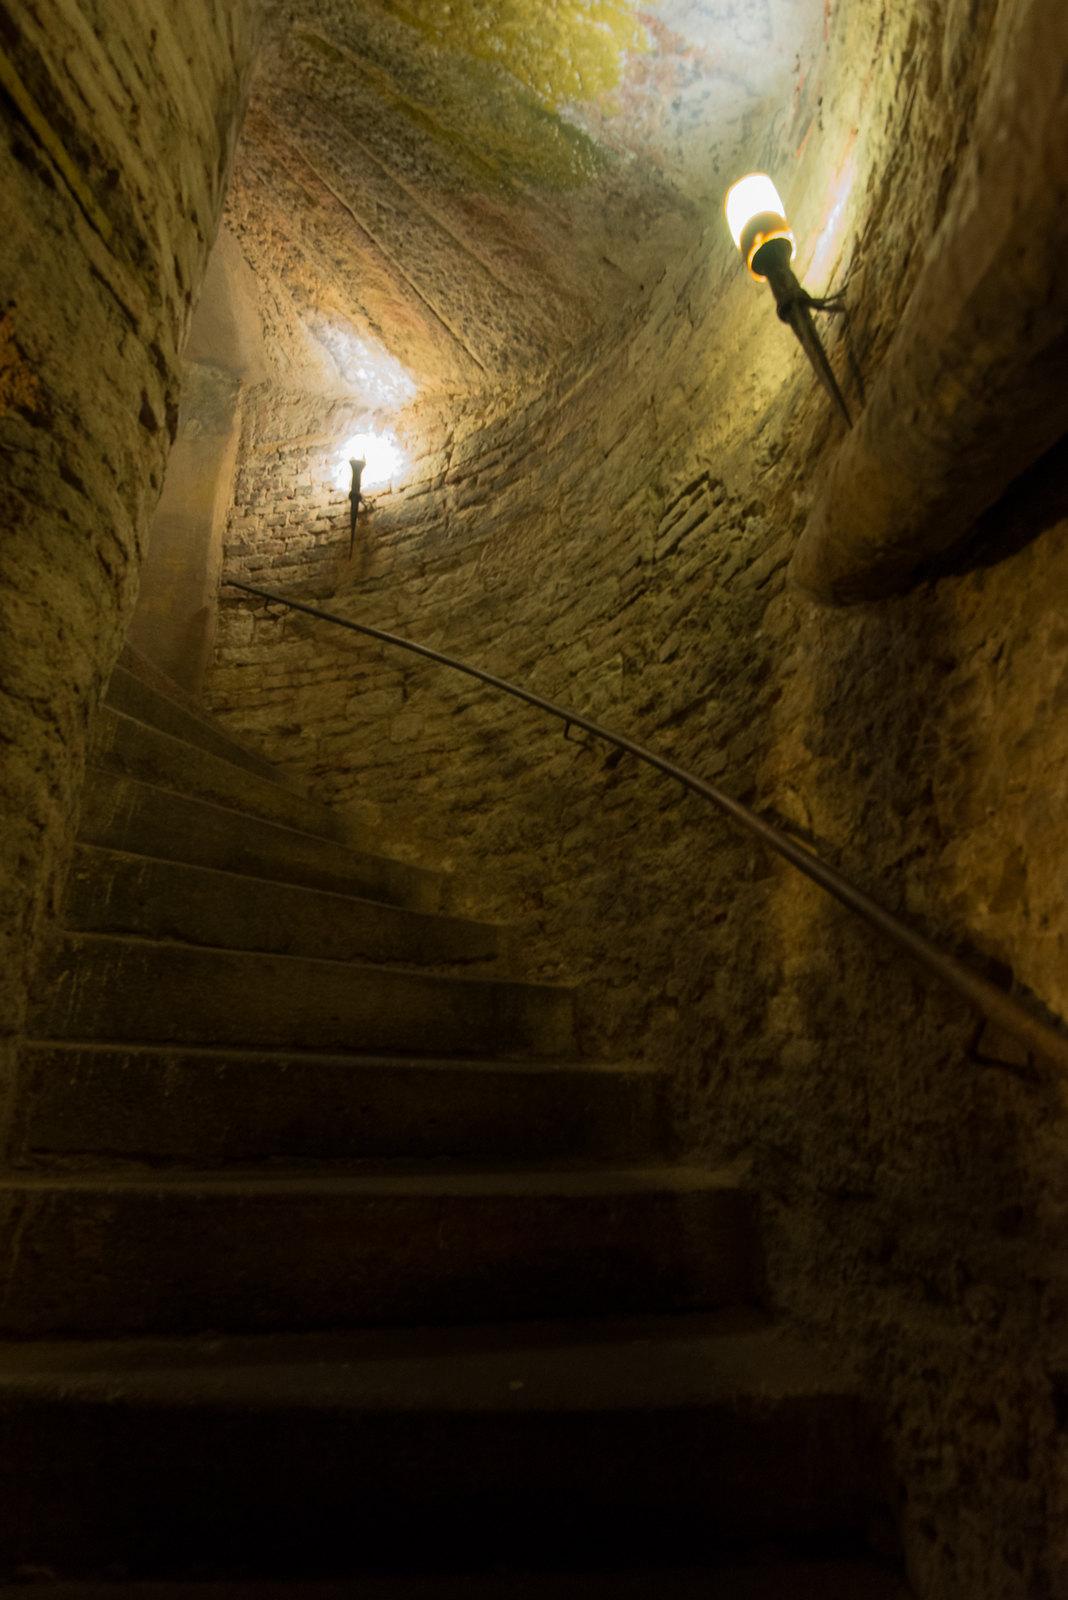 Praga: Speculum Alchemiae